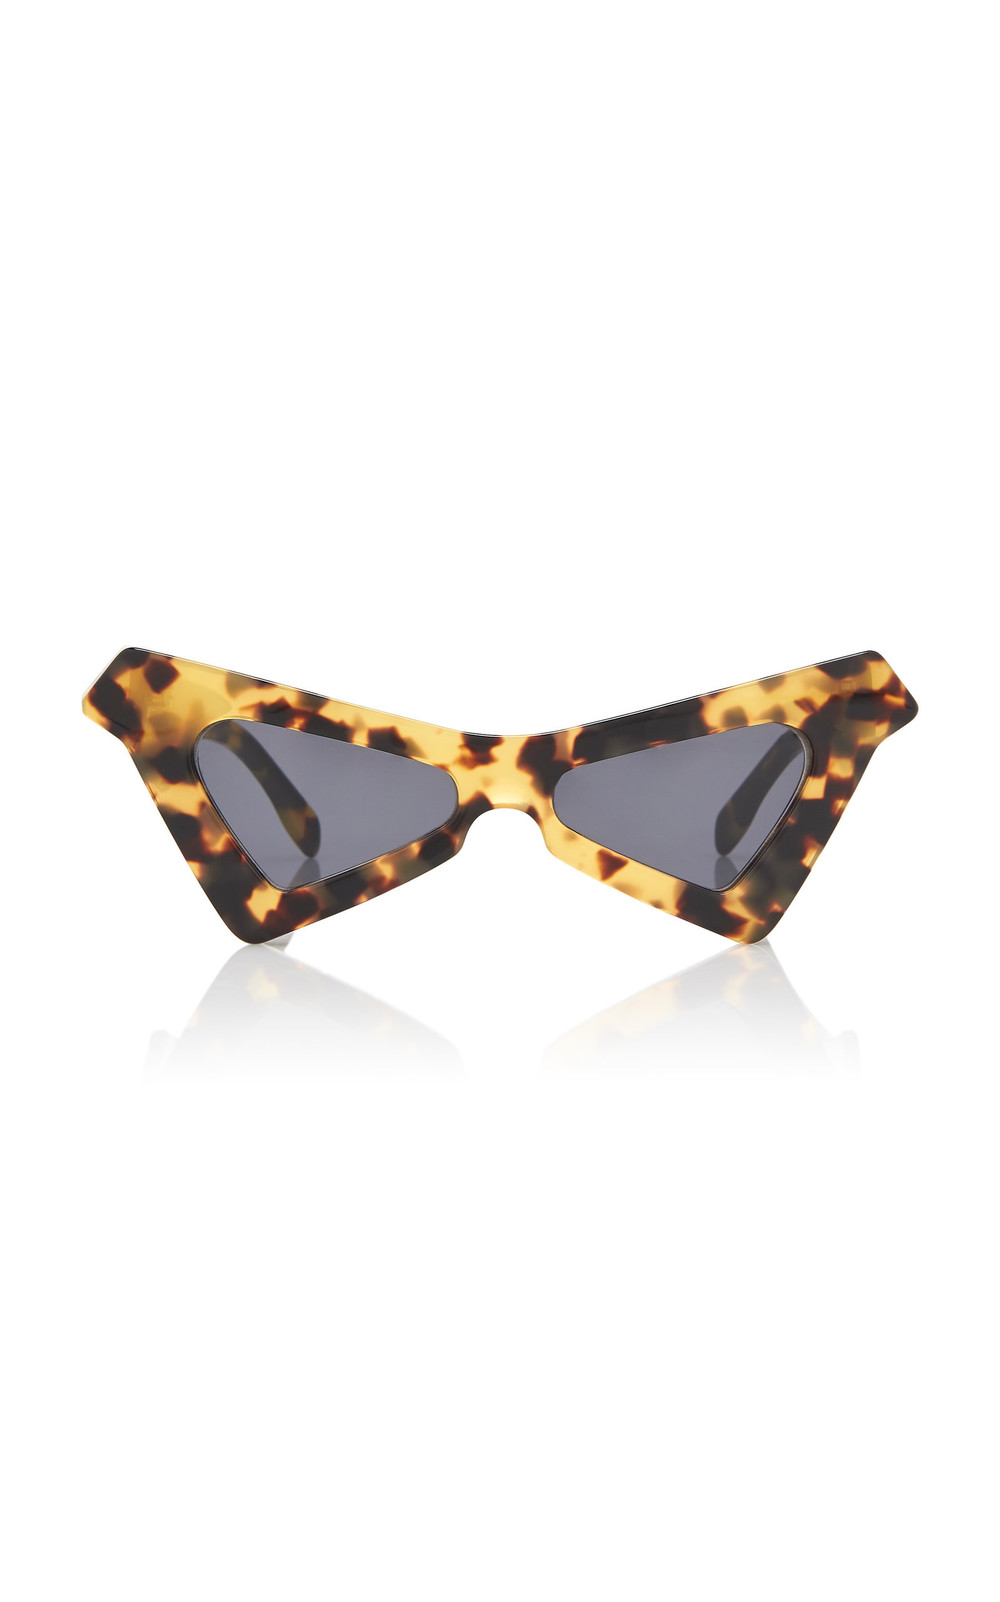 Marni Spy Sunglasses in brown